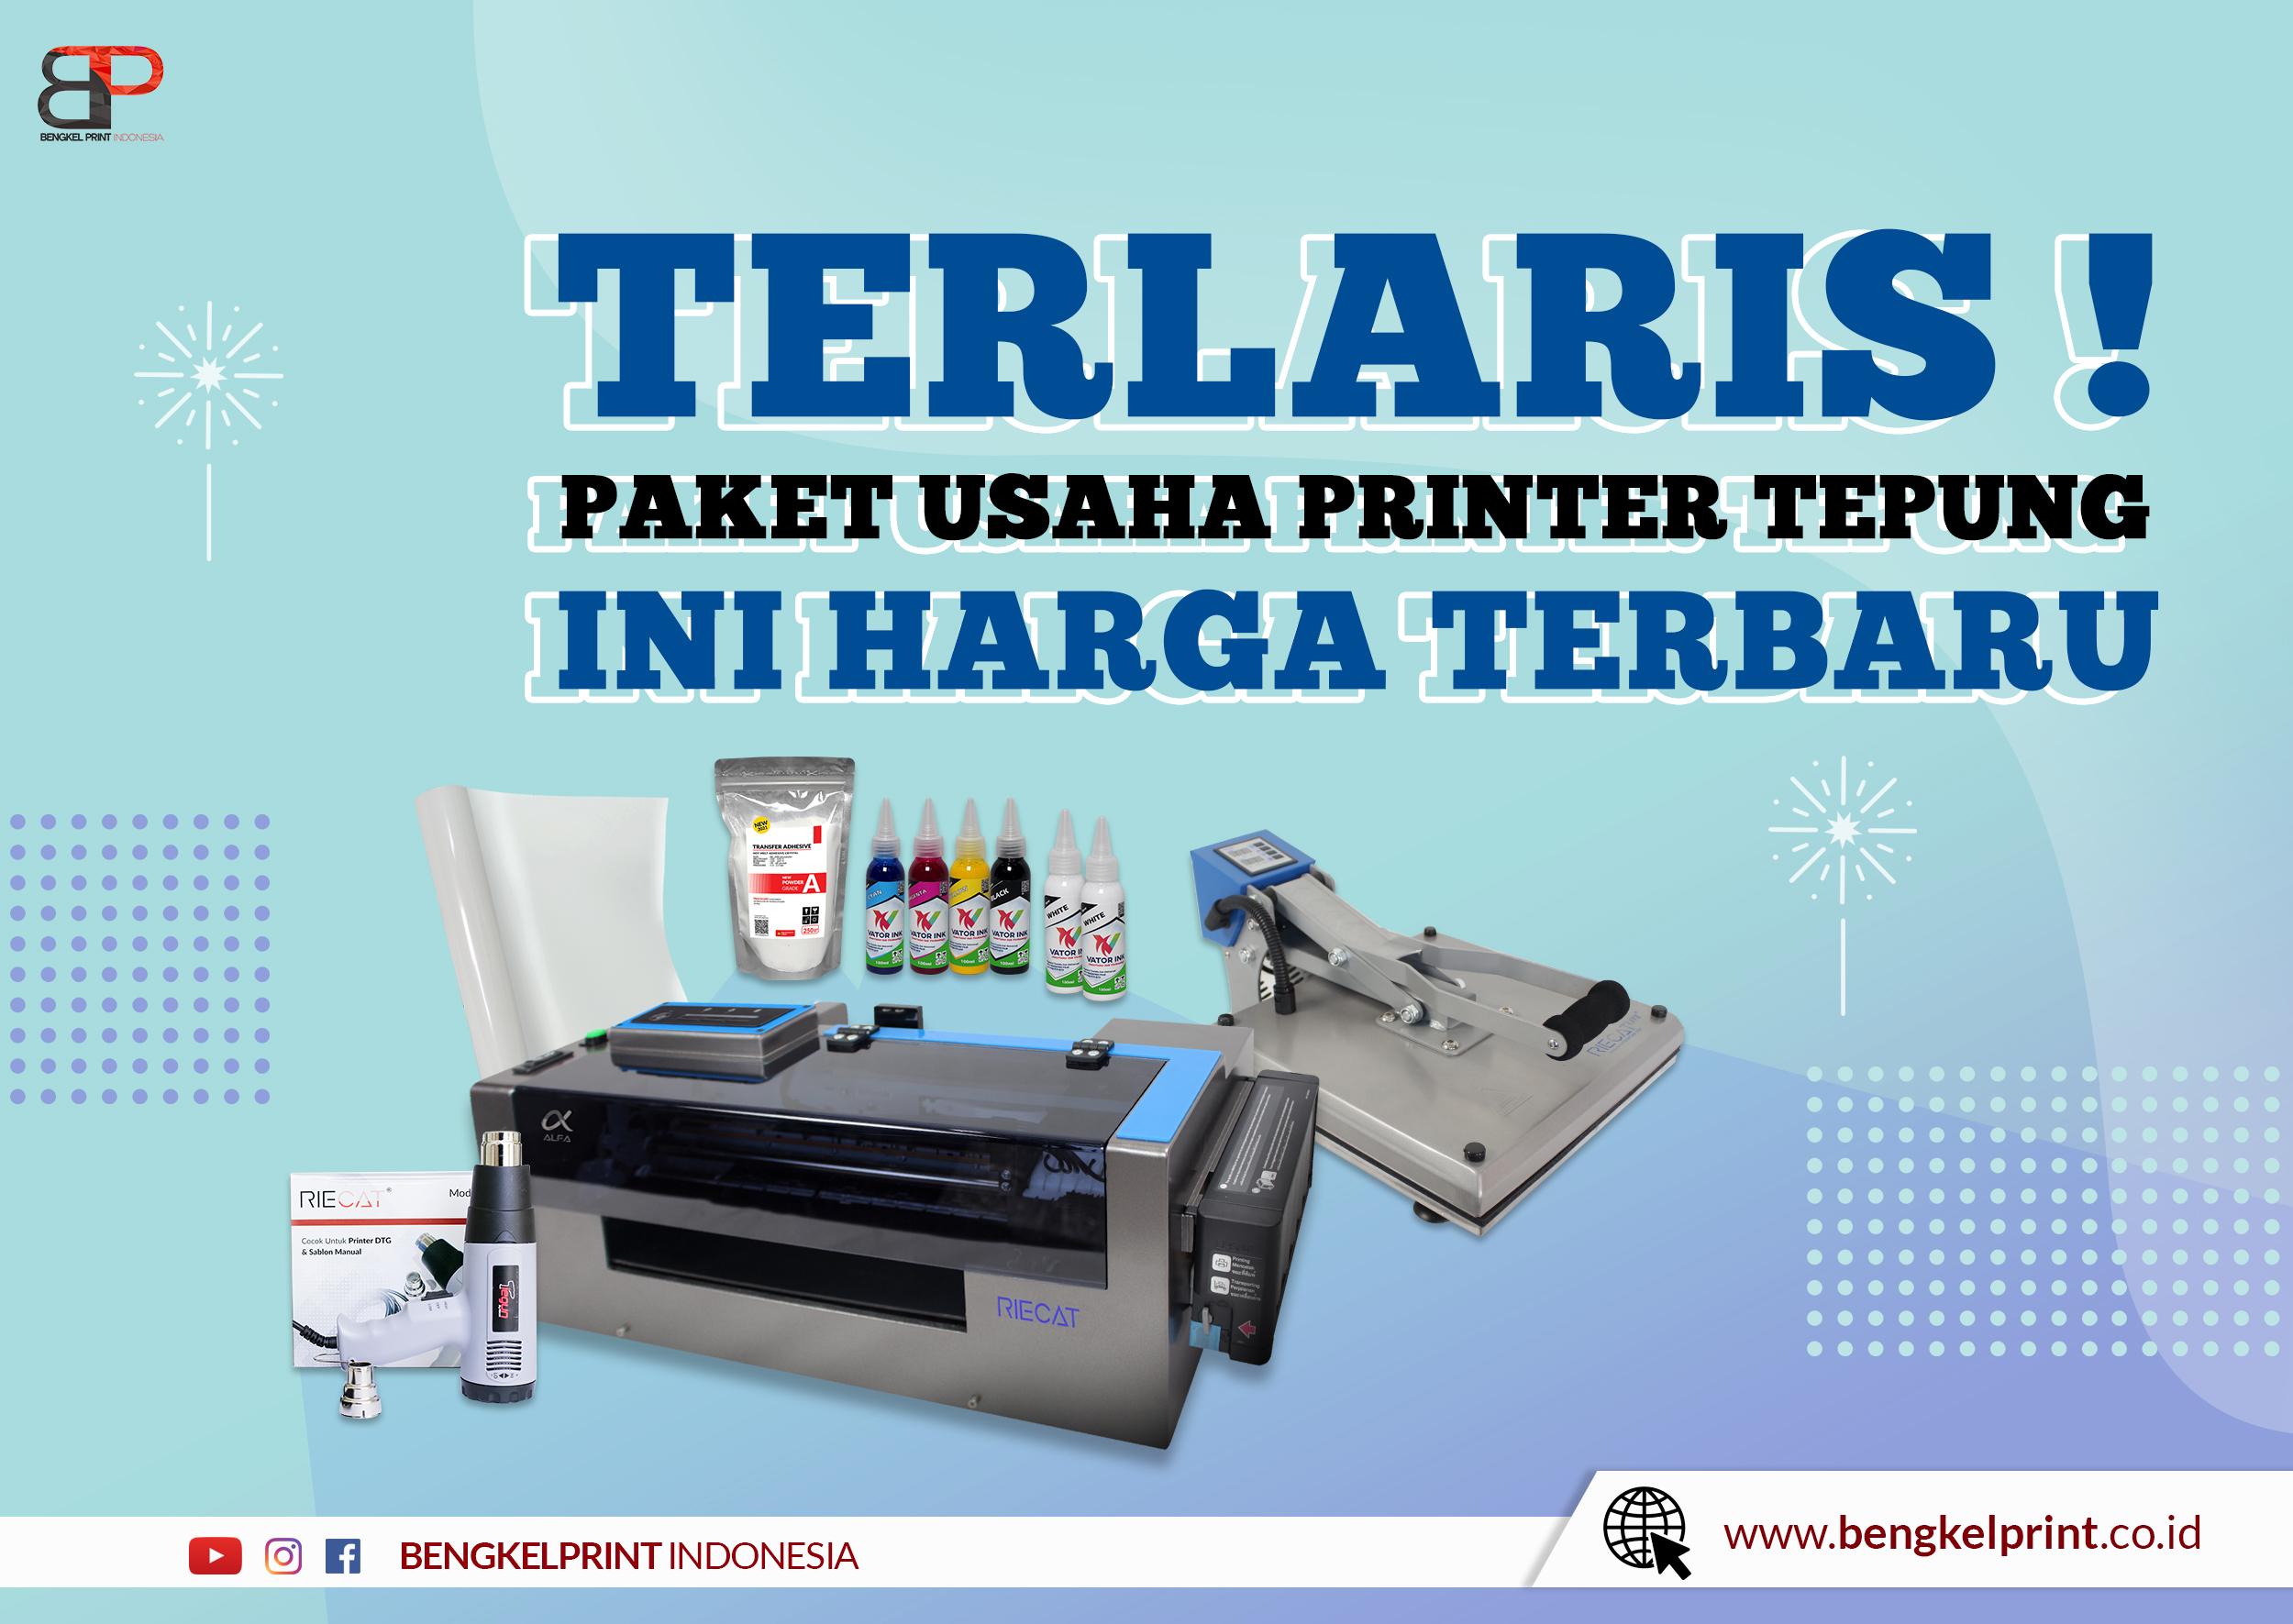 harga printer sablon tepung dtf murah 2021